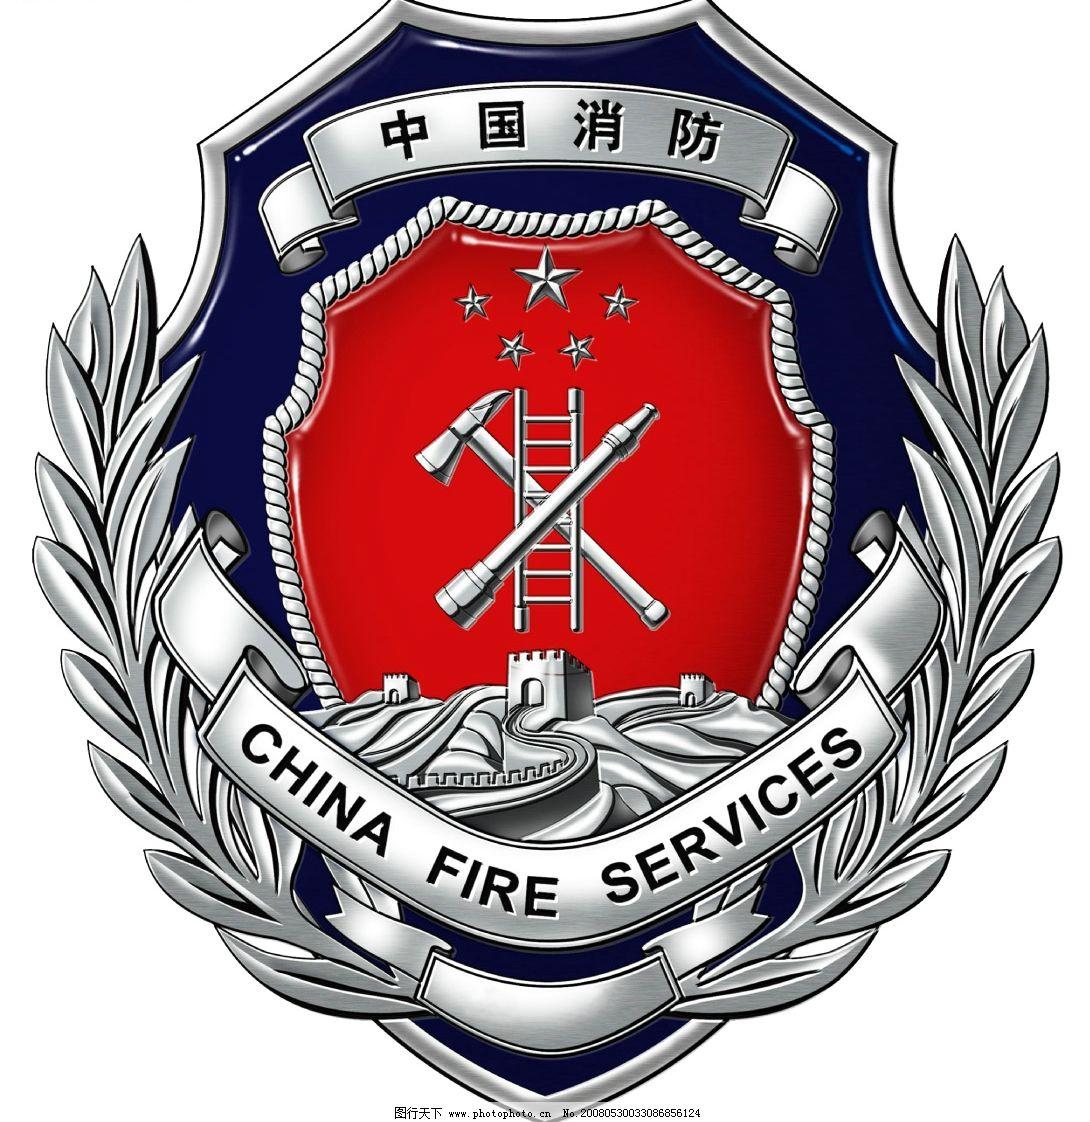 消防警徽 标志 psd分层素材 其他 源文件库 72 psd